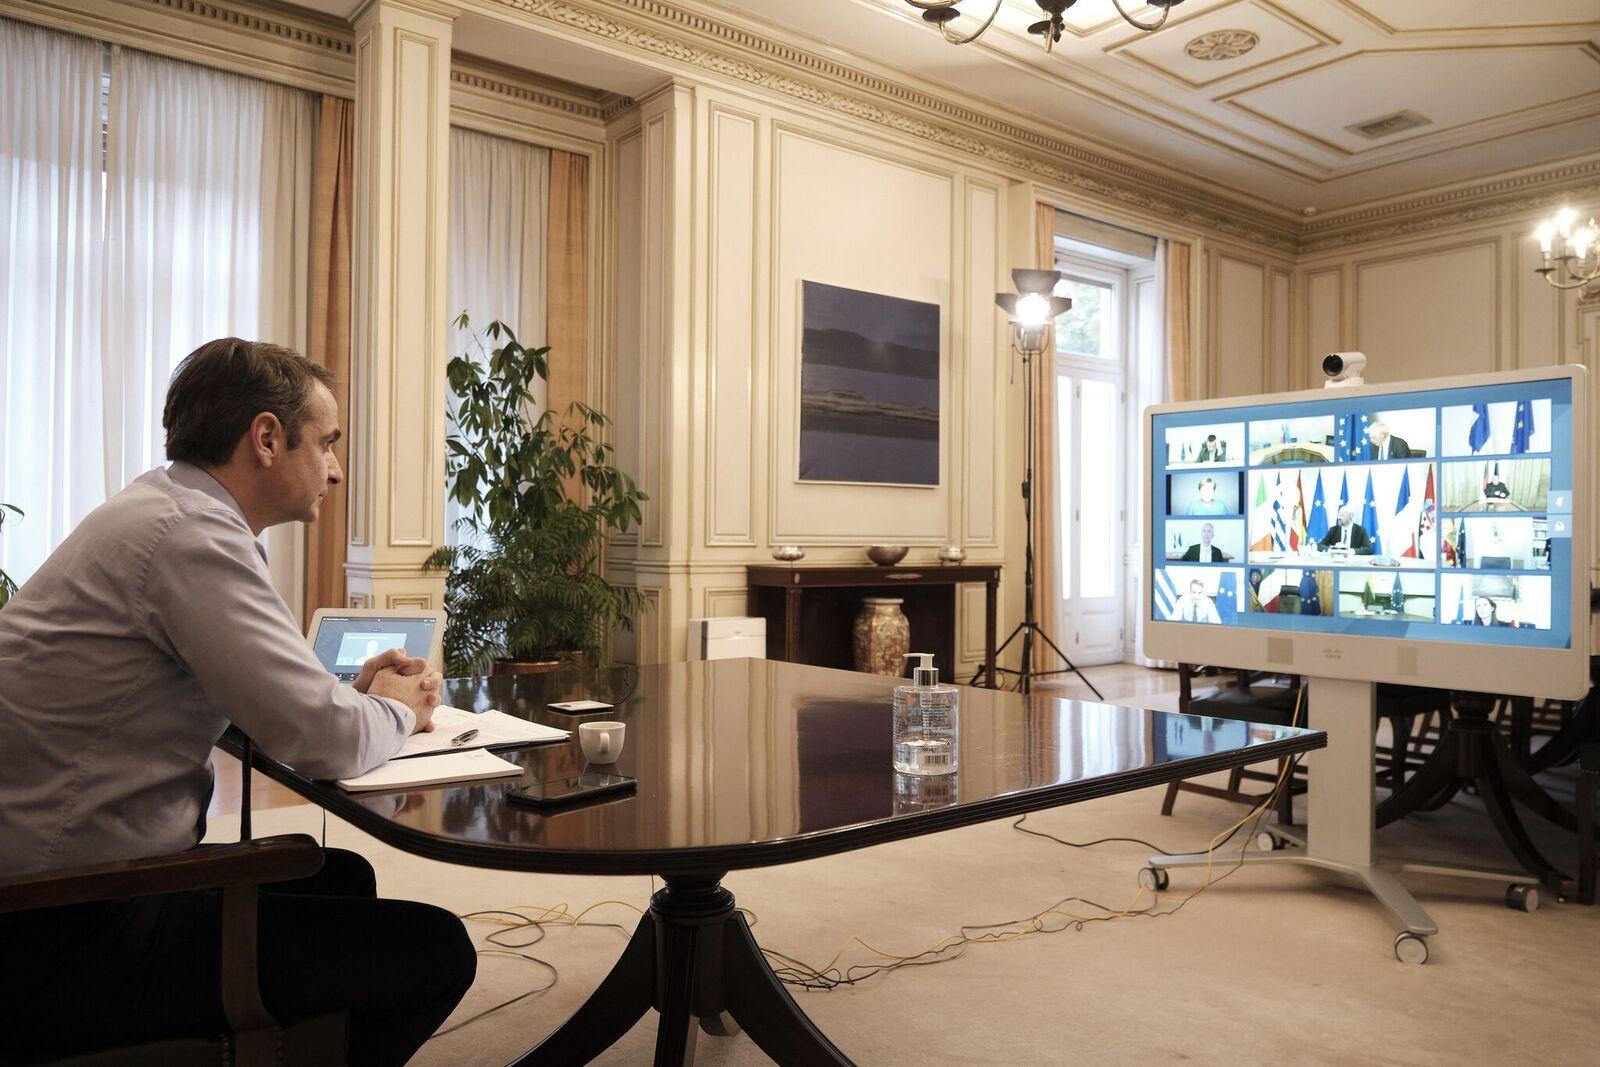 Το ευρωομόλογο διχάζει την Ευρώπη – Χωρίς λευκό καπνό η Σύνοδος Κορυφής – Δραματική έκκληση από Μητσοτάκη